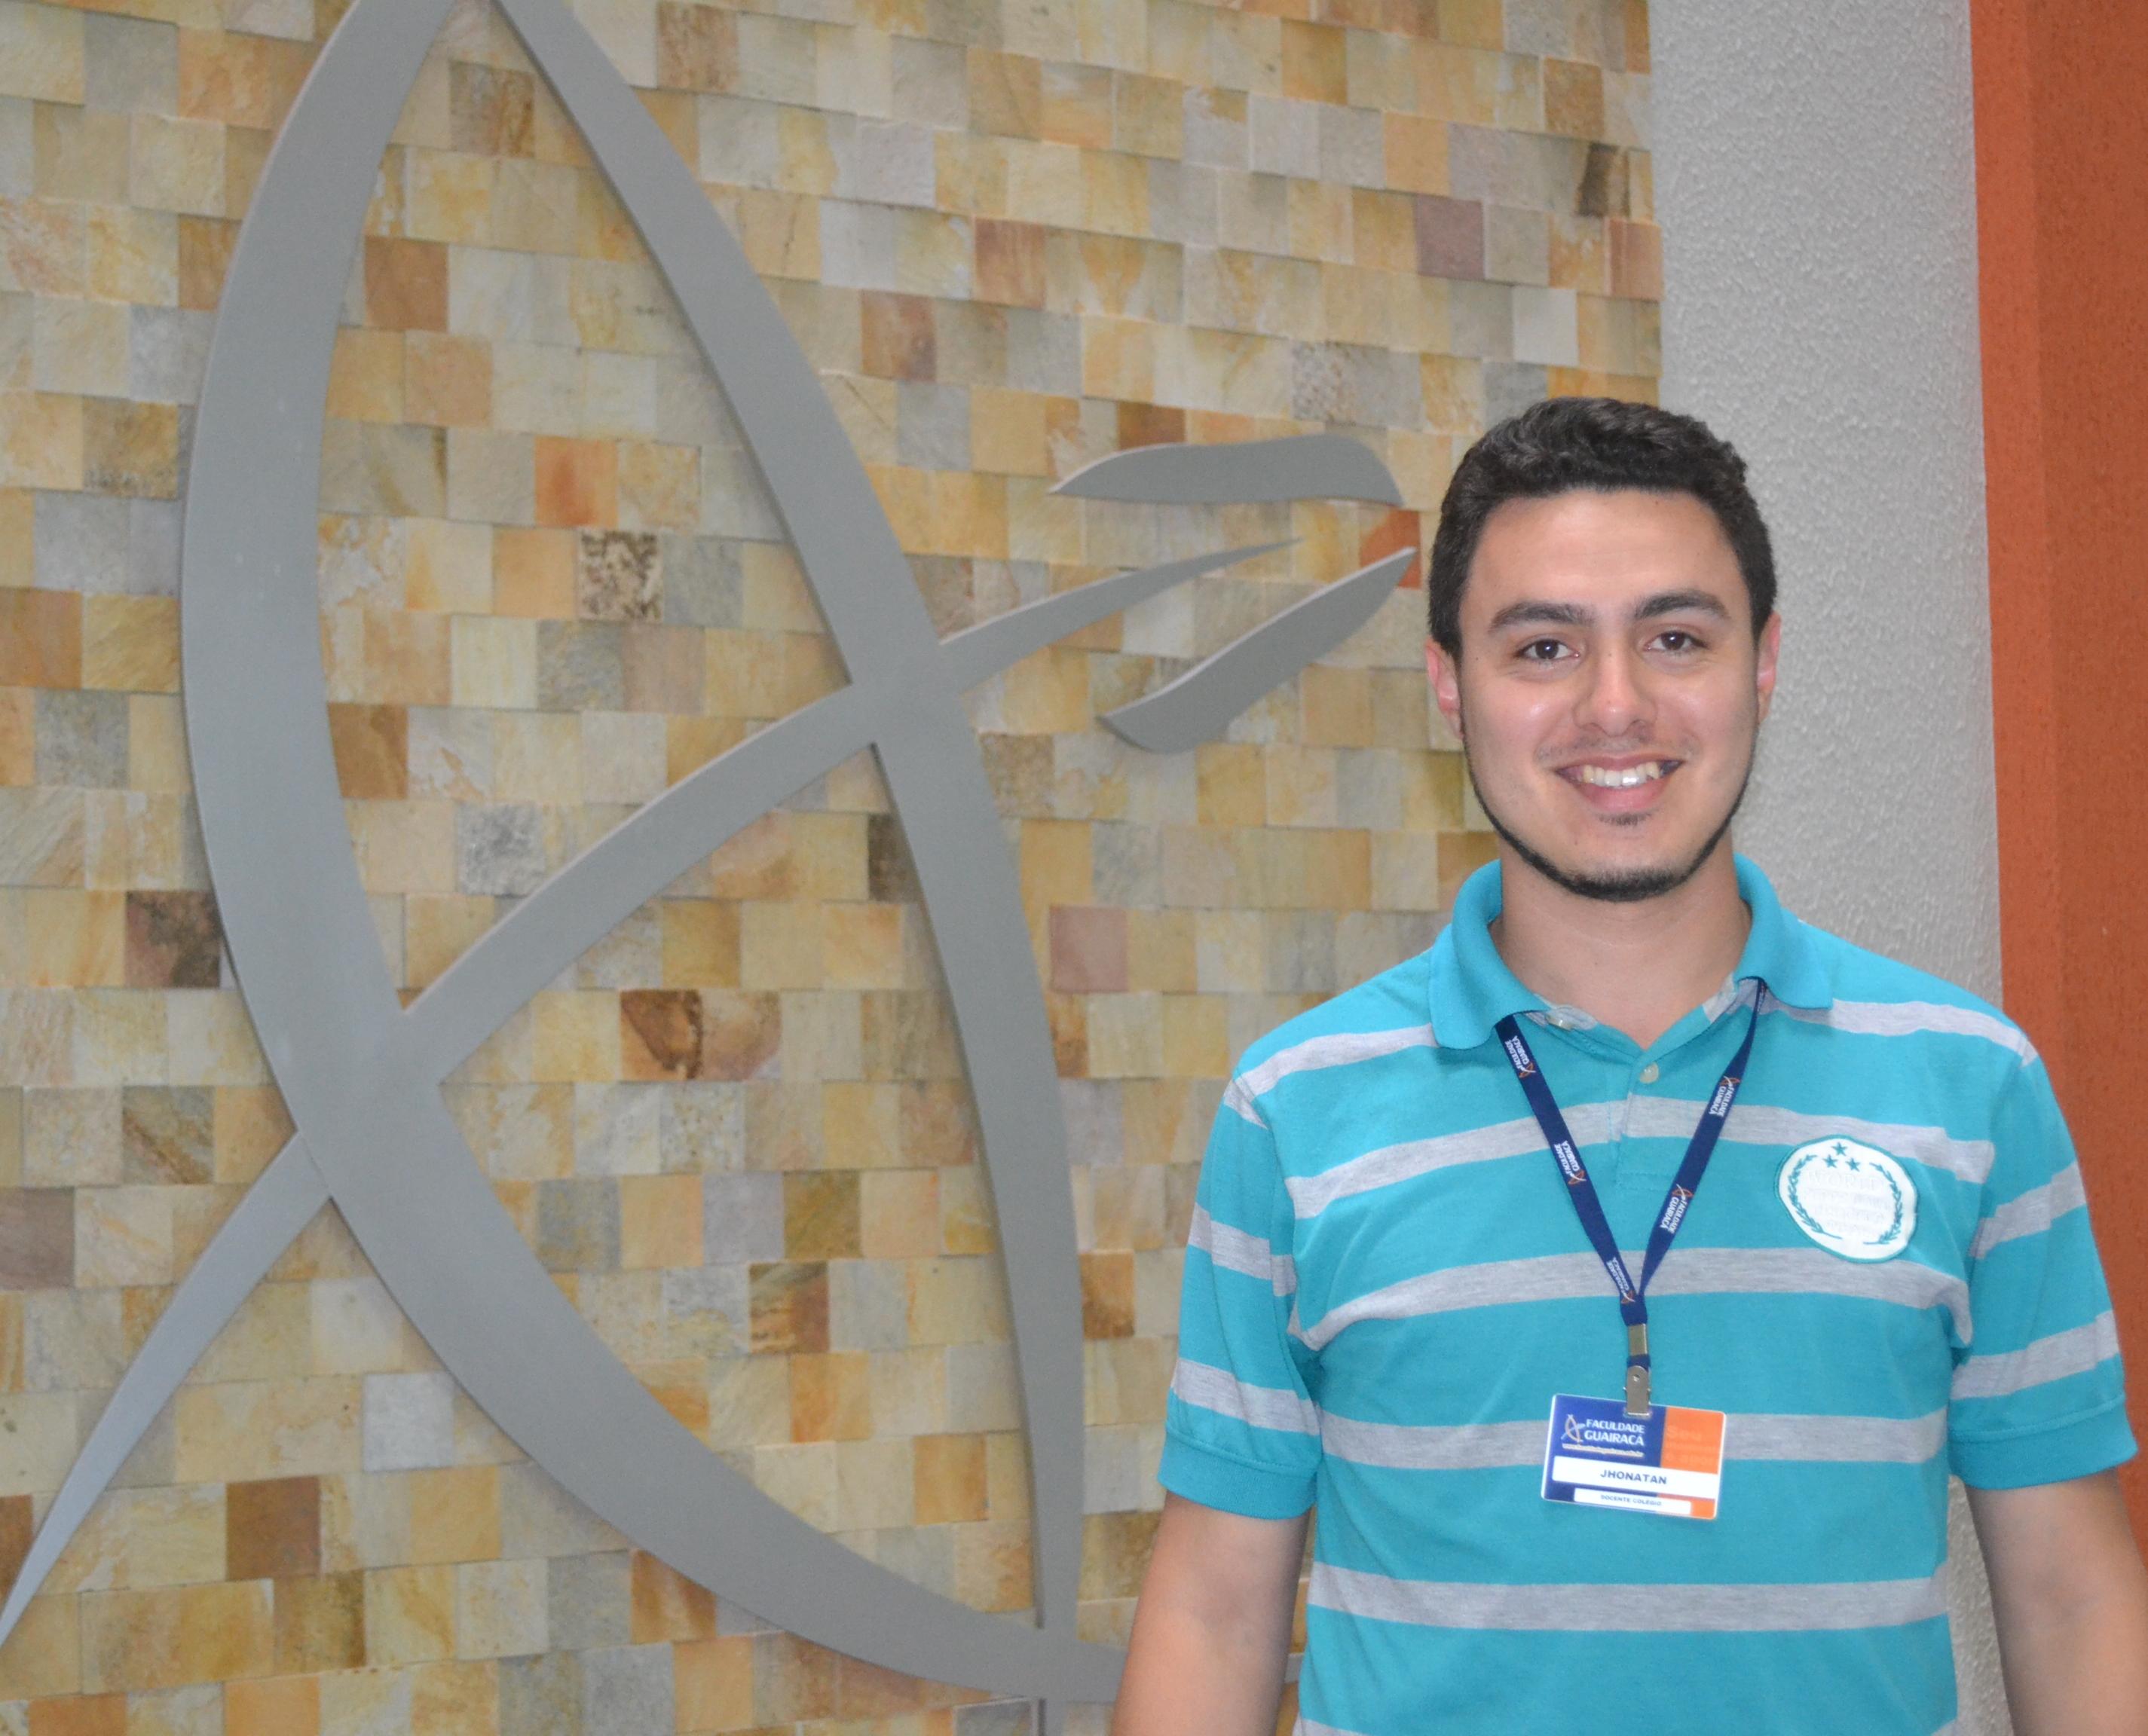 Professor do Colégio Guairacá, Jhonatan Dantas é aprovado em seleção de doutorado